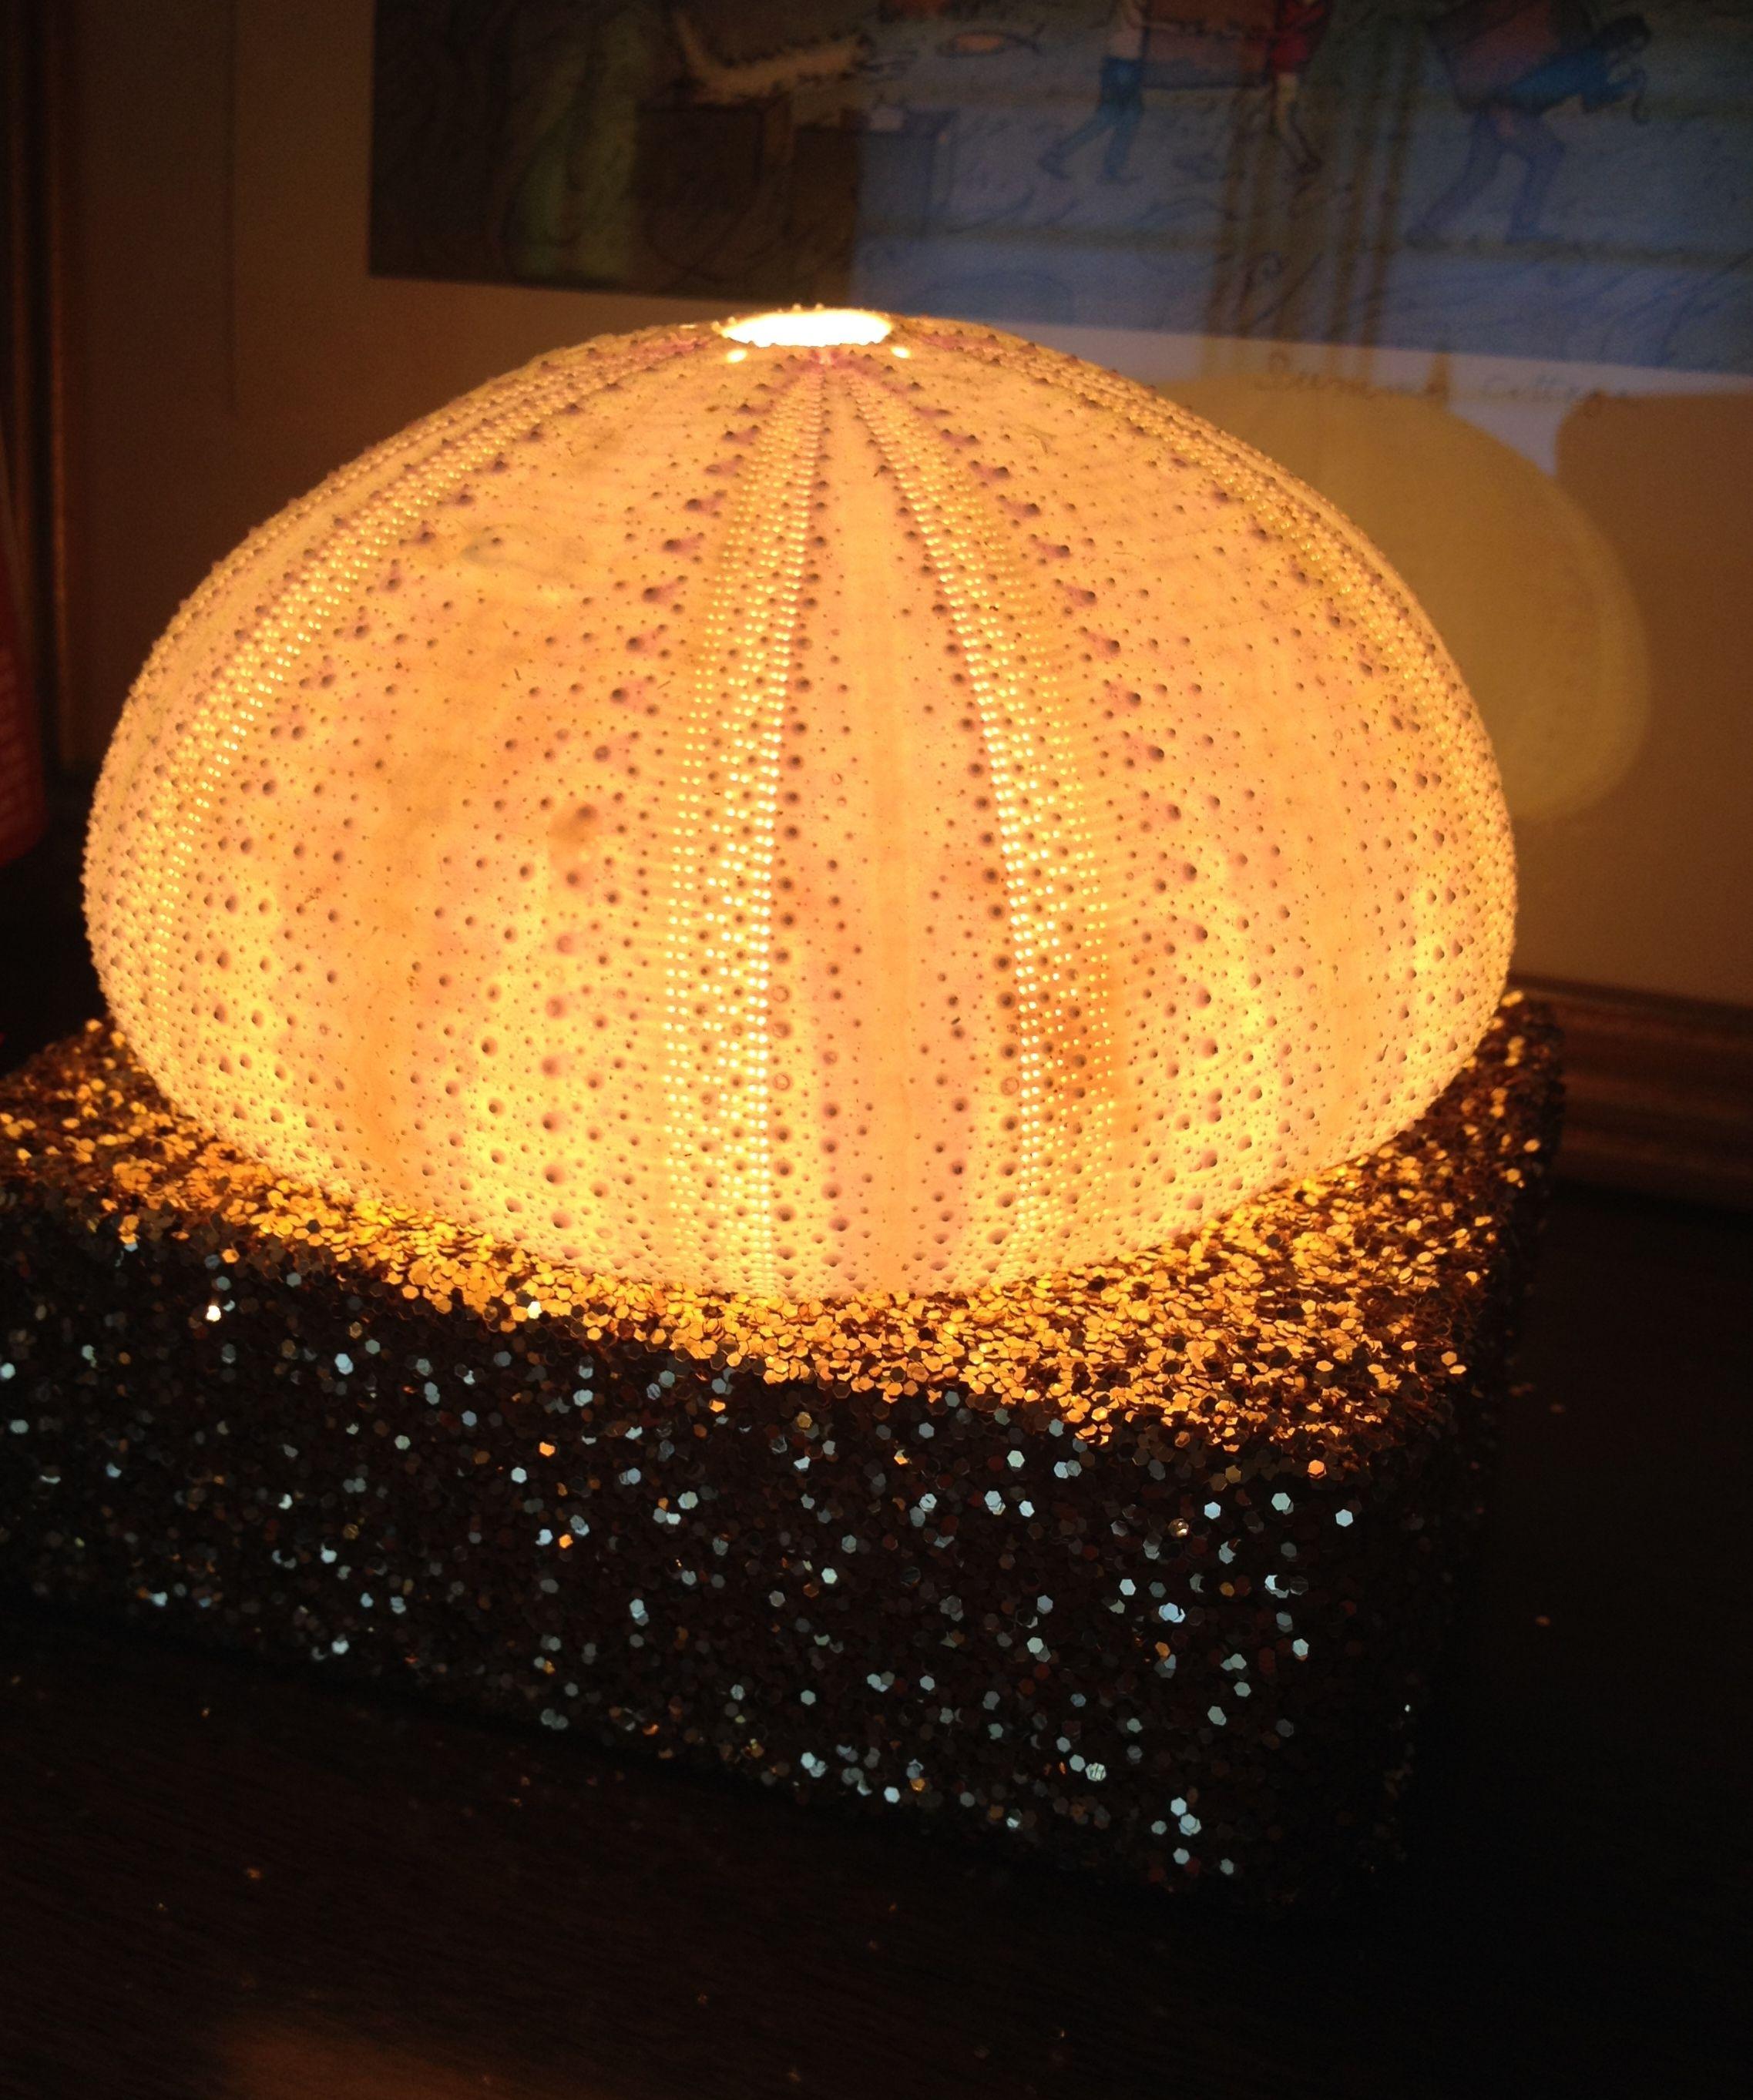 Diy Glitter Sea Urchin Night Light The Domestic Junkies